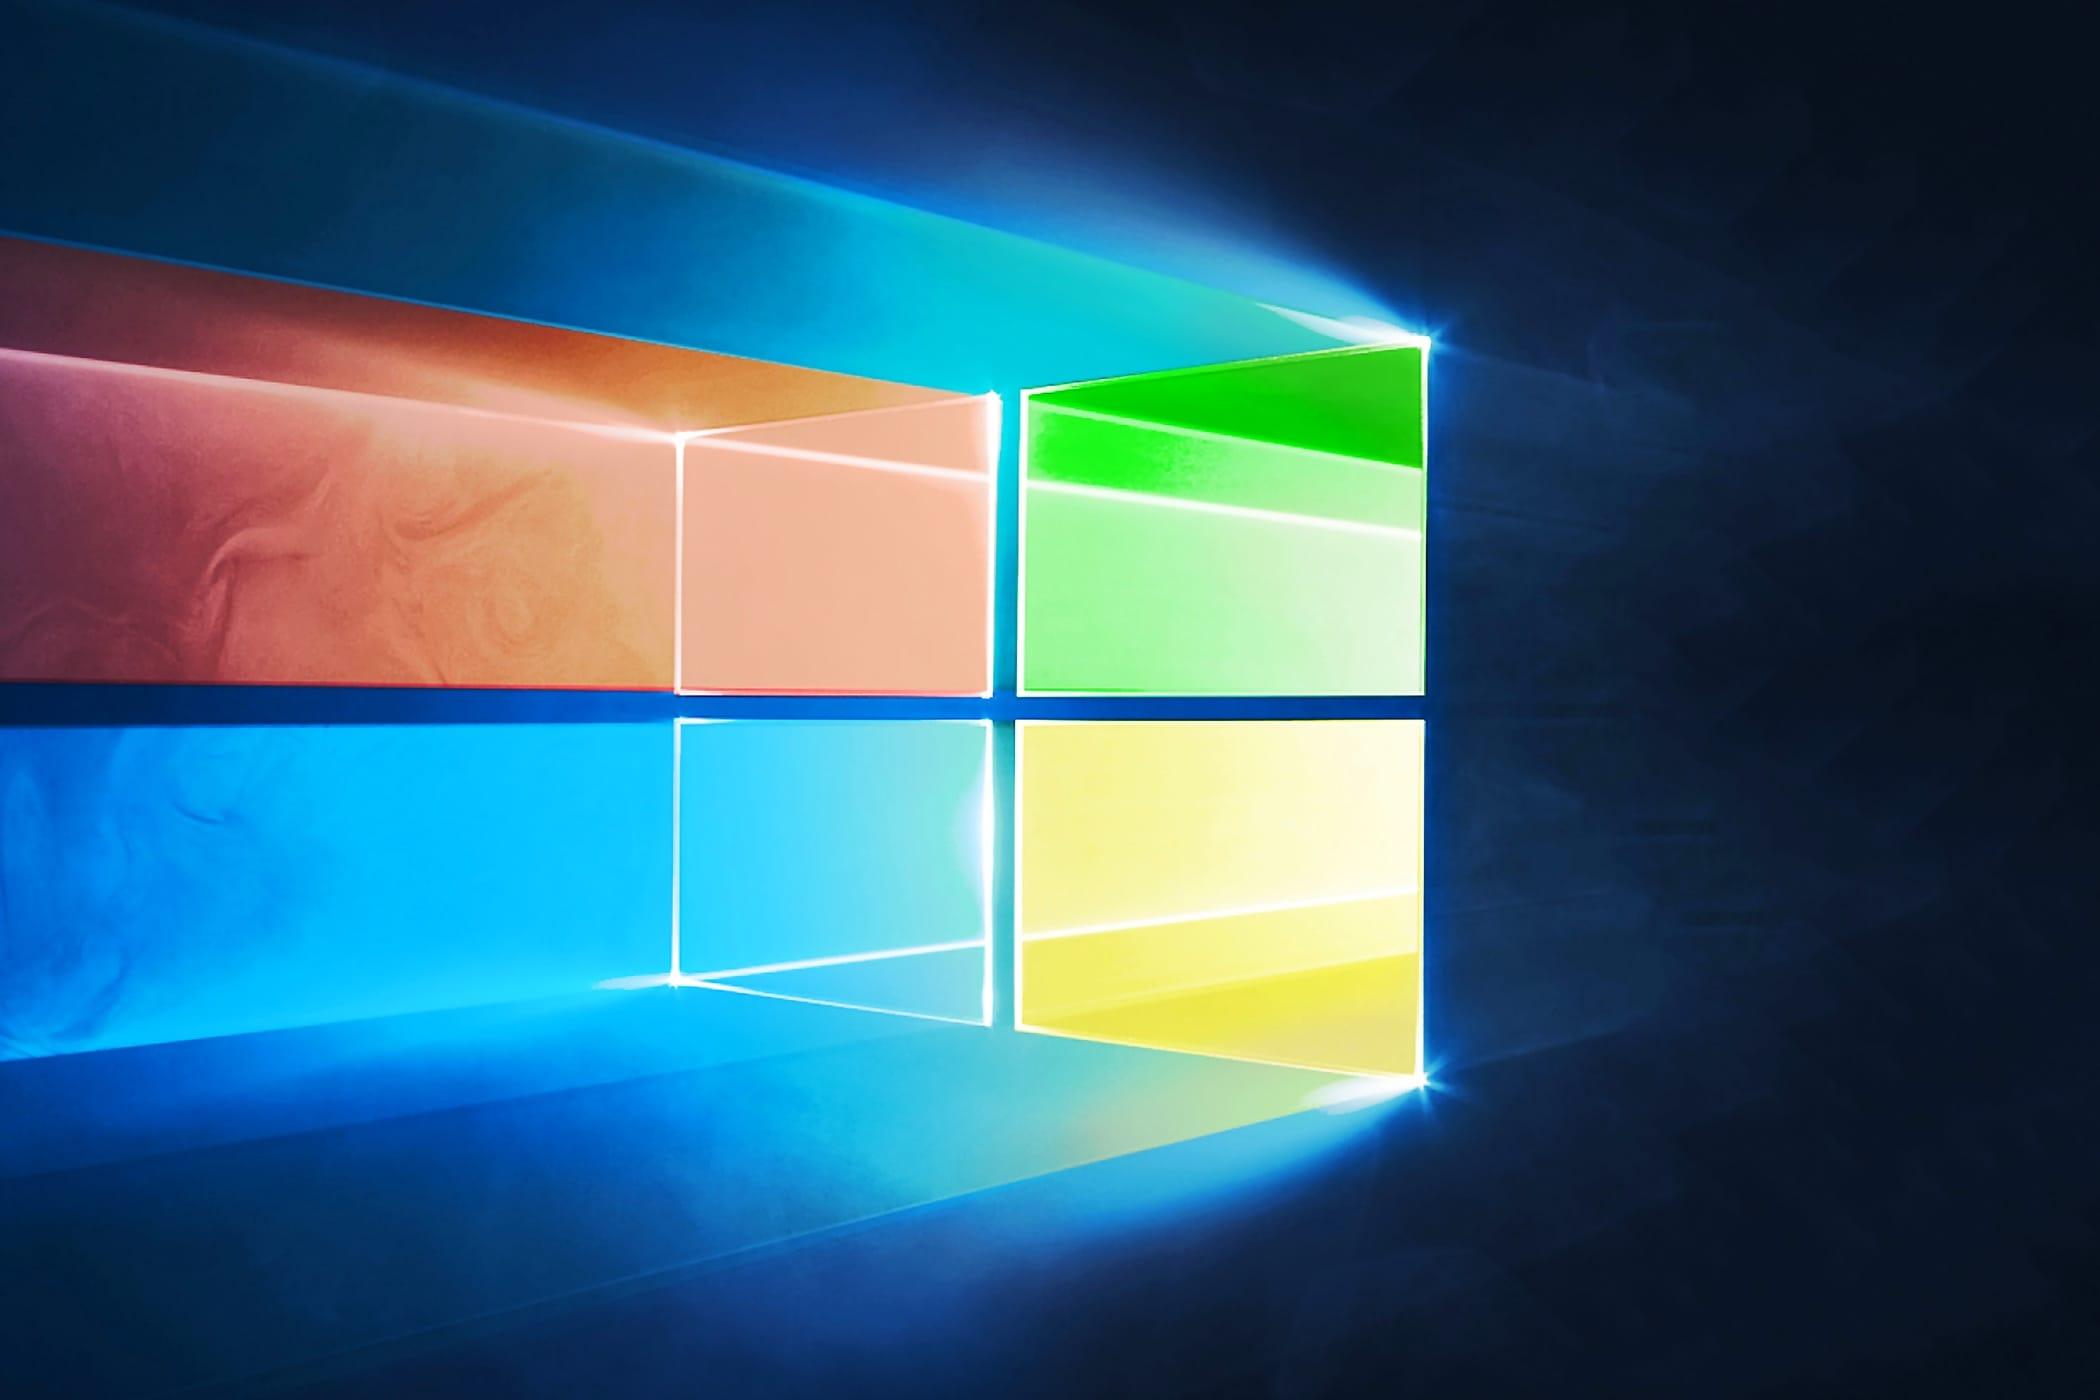 ВWindows 10 Pro появится режим повышенной производительности Ultimate Performance